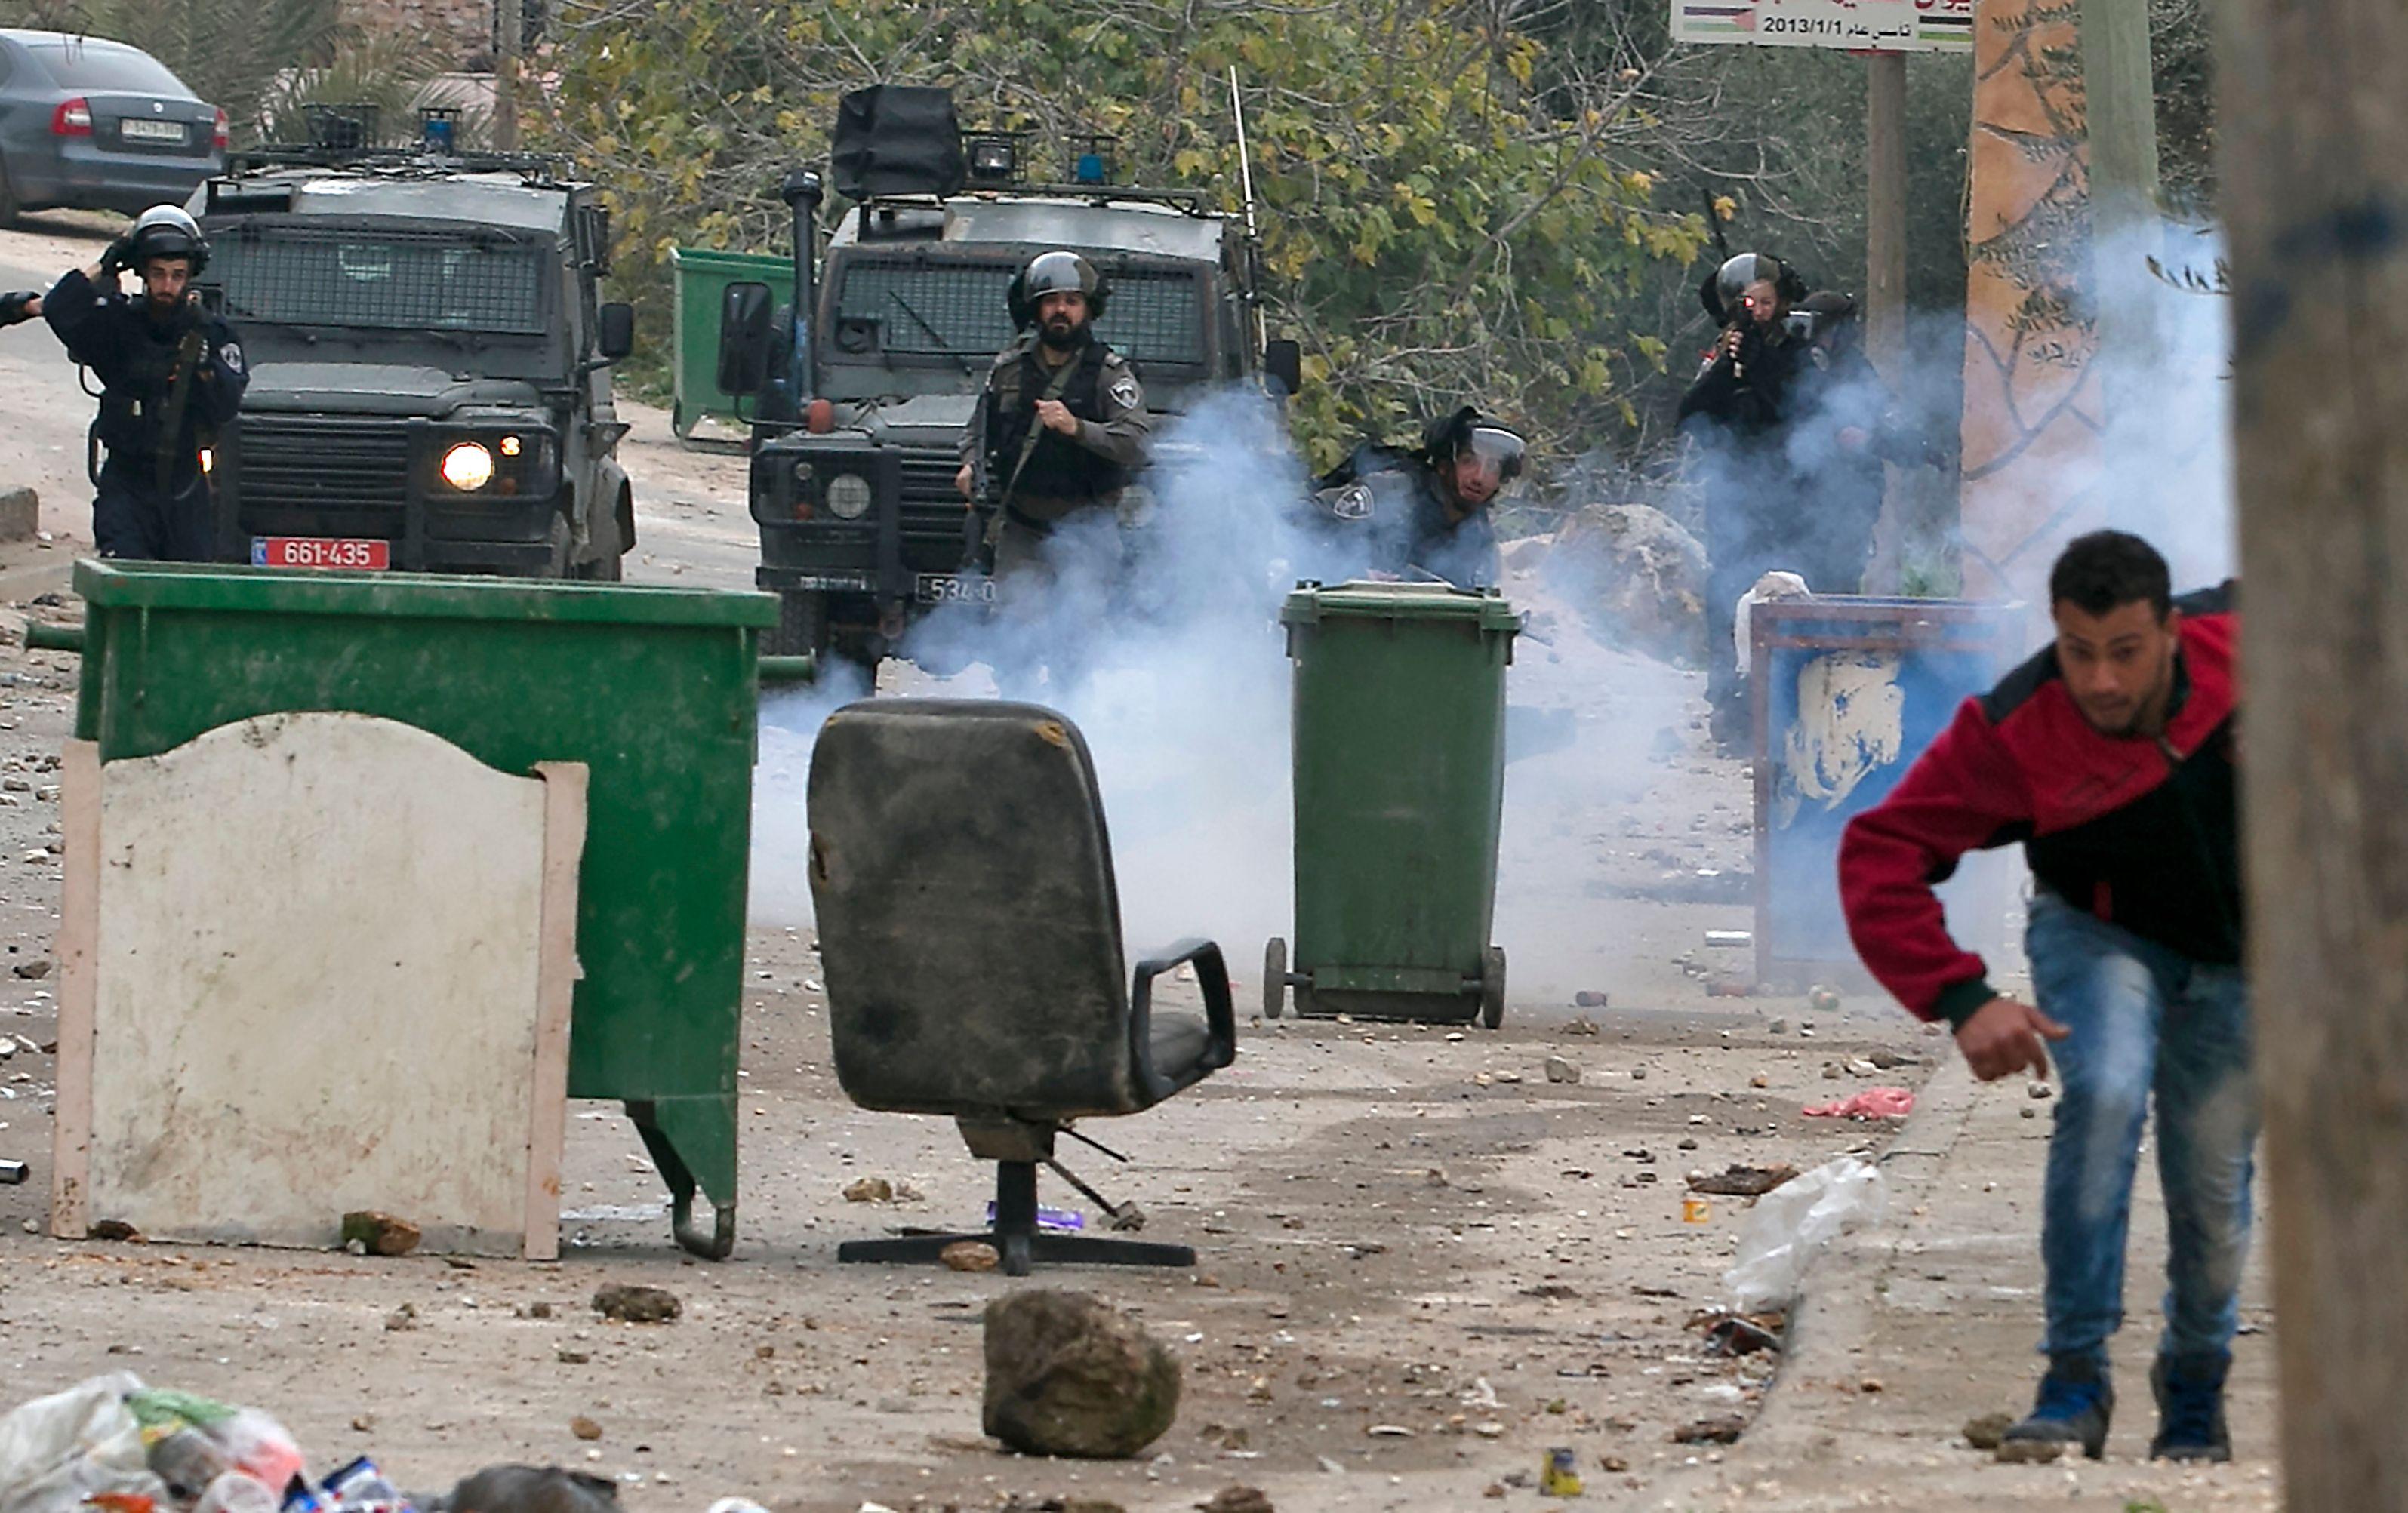 شرطة الاحتلال تطلق قنابل الغاز على متظاهرين فلسطينيين